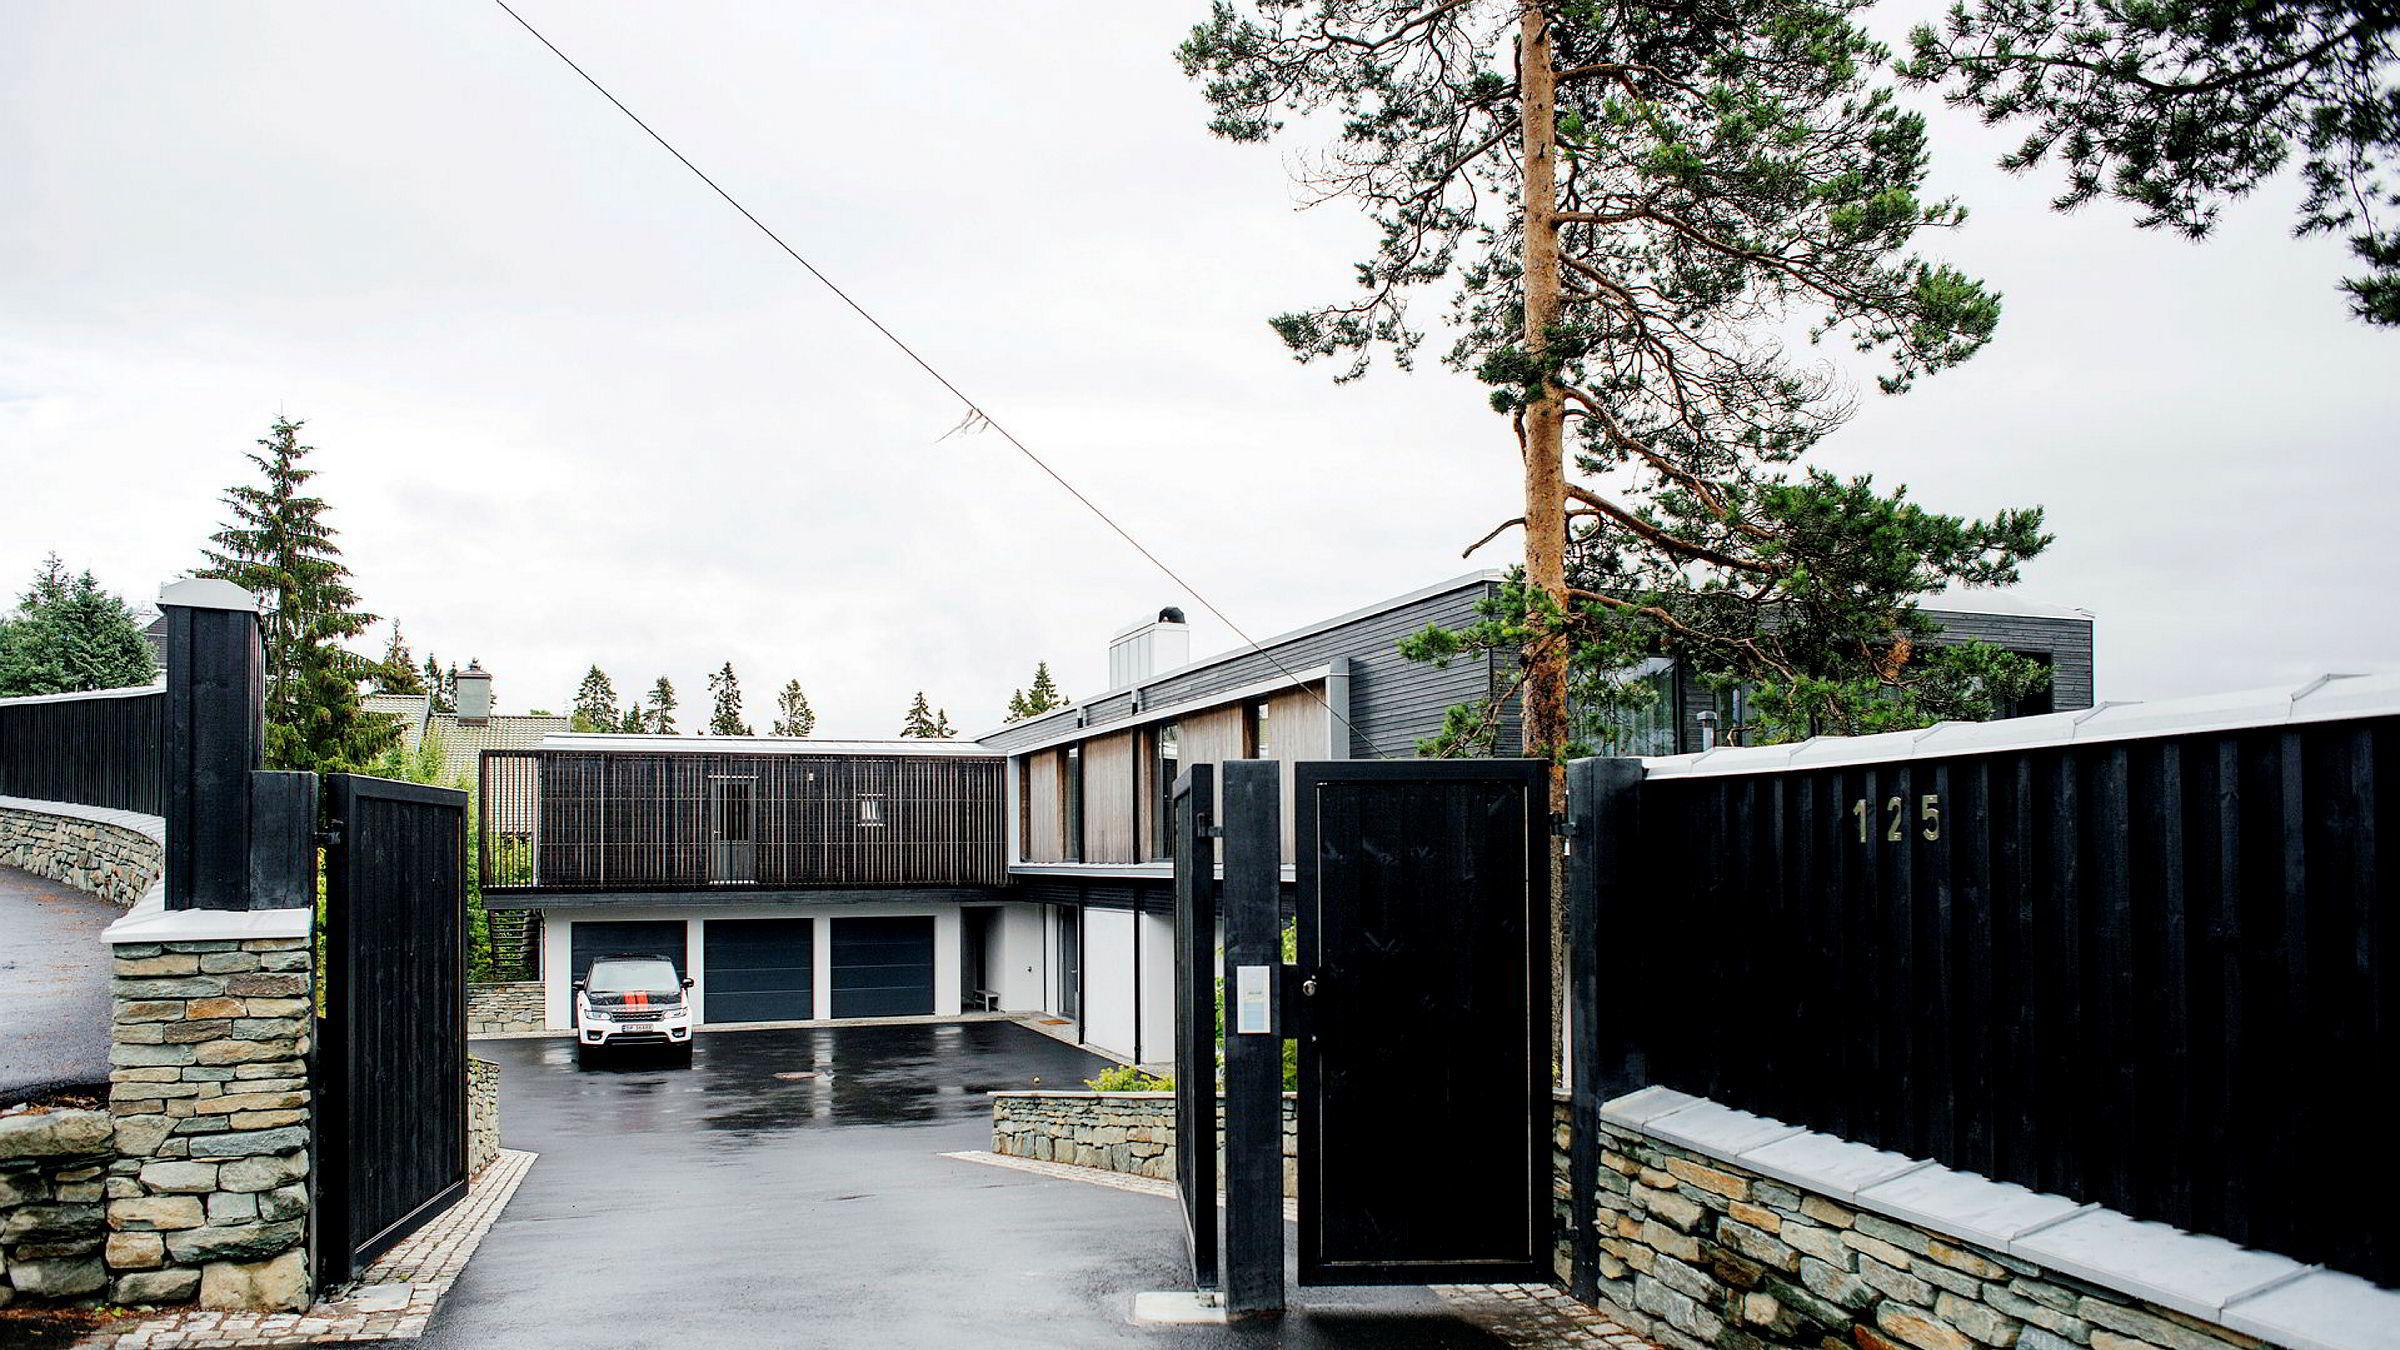 Etter et halvt år på markedet ble giganteiendommen til milliardærarving Louise Mohn i Holmenkollveien i Oslo kjøpt av konsernsjef Geir Drangsland (57) i Byggma for 95 millioner kroner i fjor. Det er fem millioner kroner mindre enn det hun selv oppga som minstepris for at hun skulle selge.